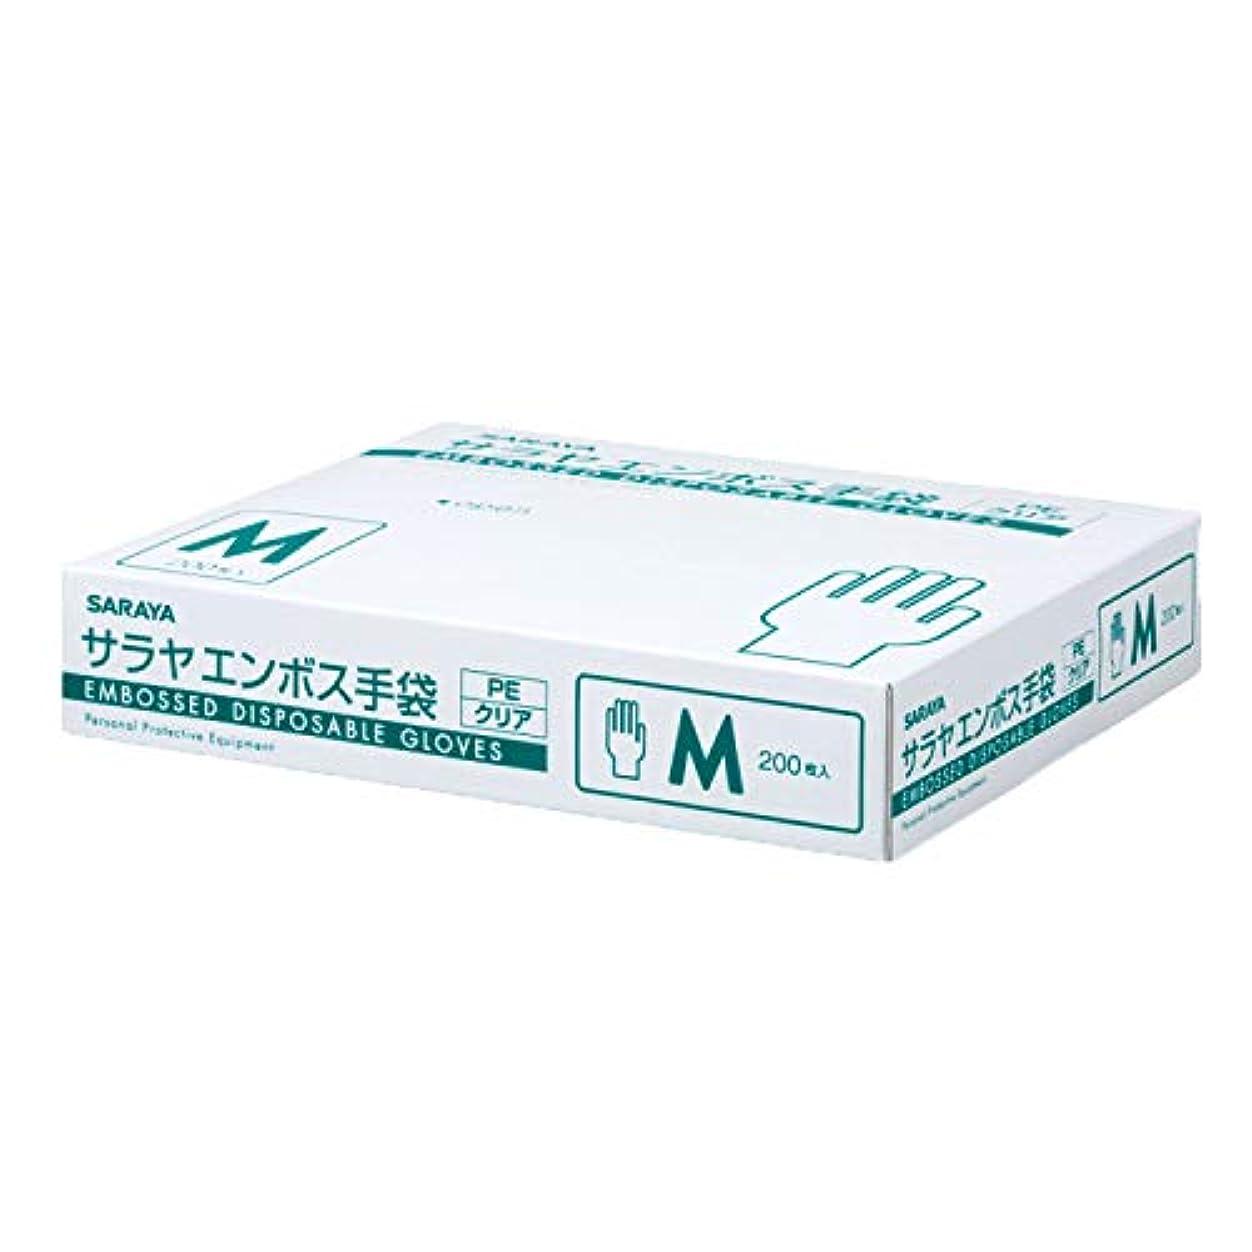 自己尊重ミニ醜いサラヤ エンボス手袋PE クリア Mサイズ 200枚×20箱 51184